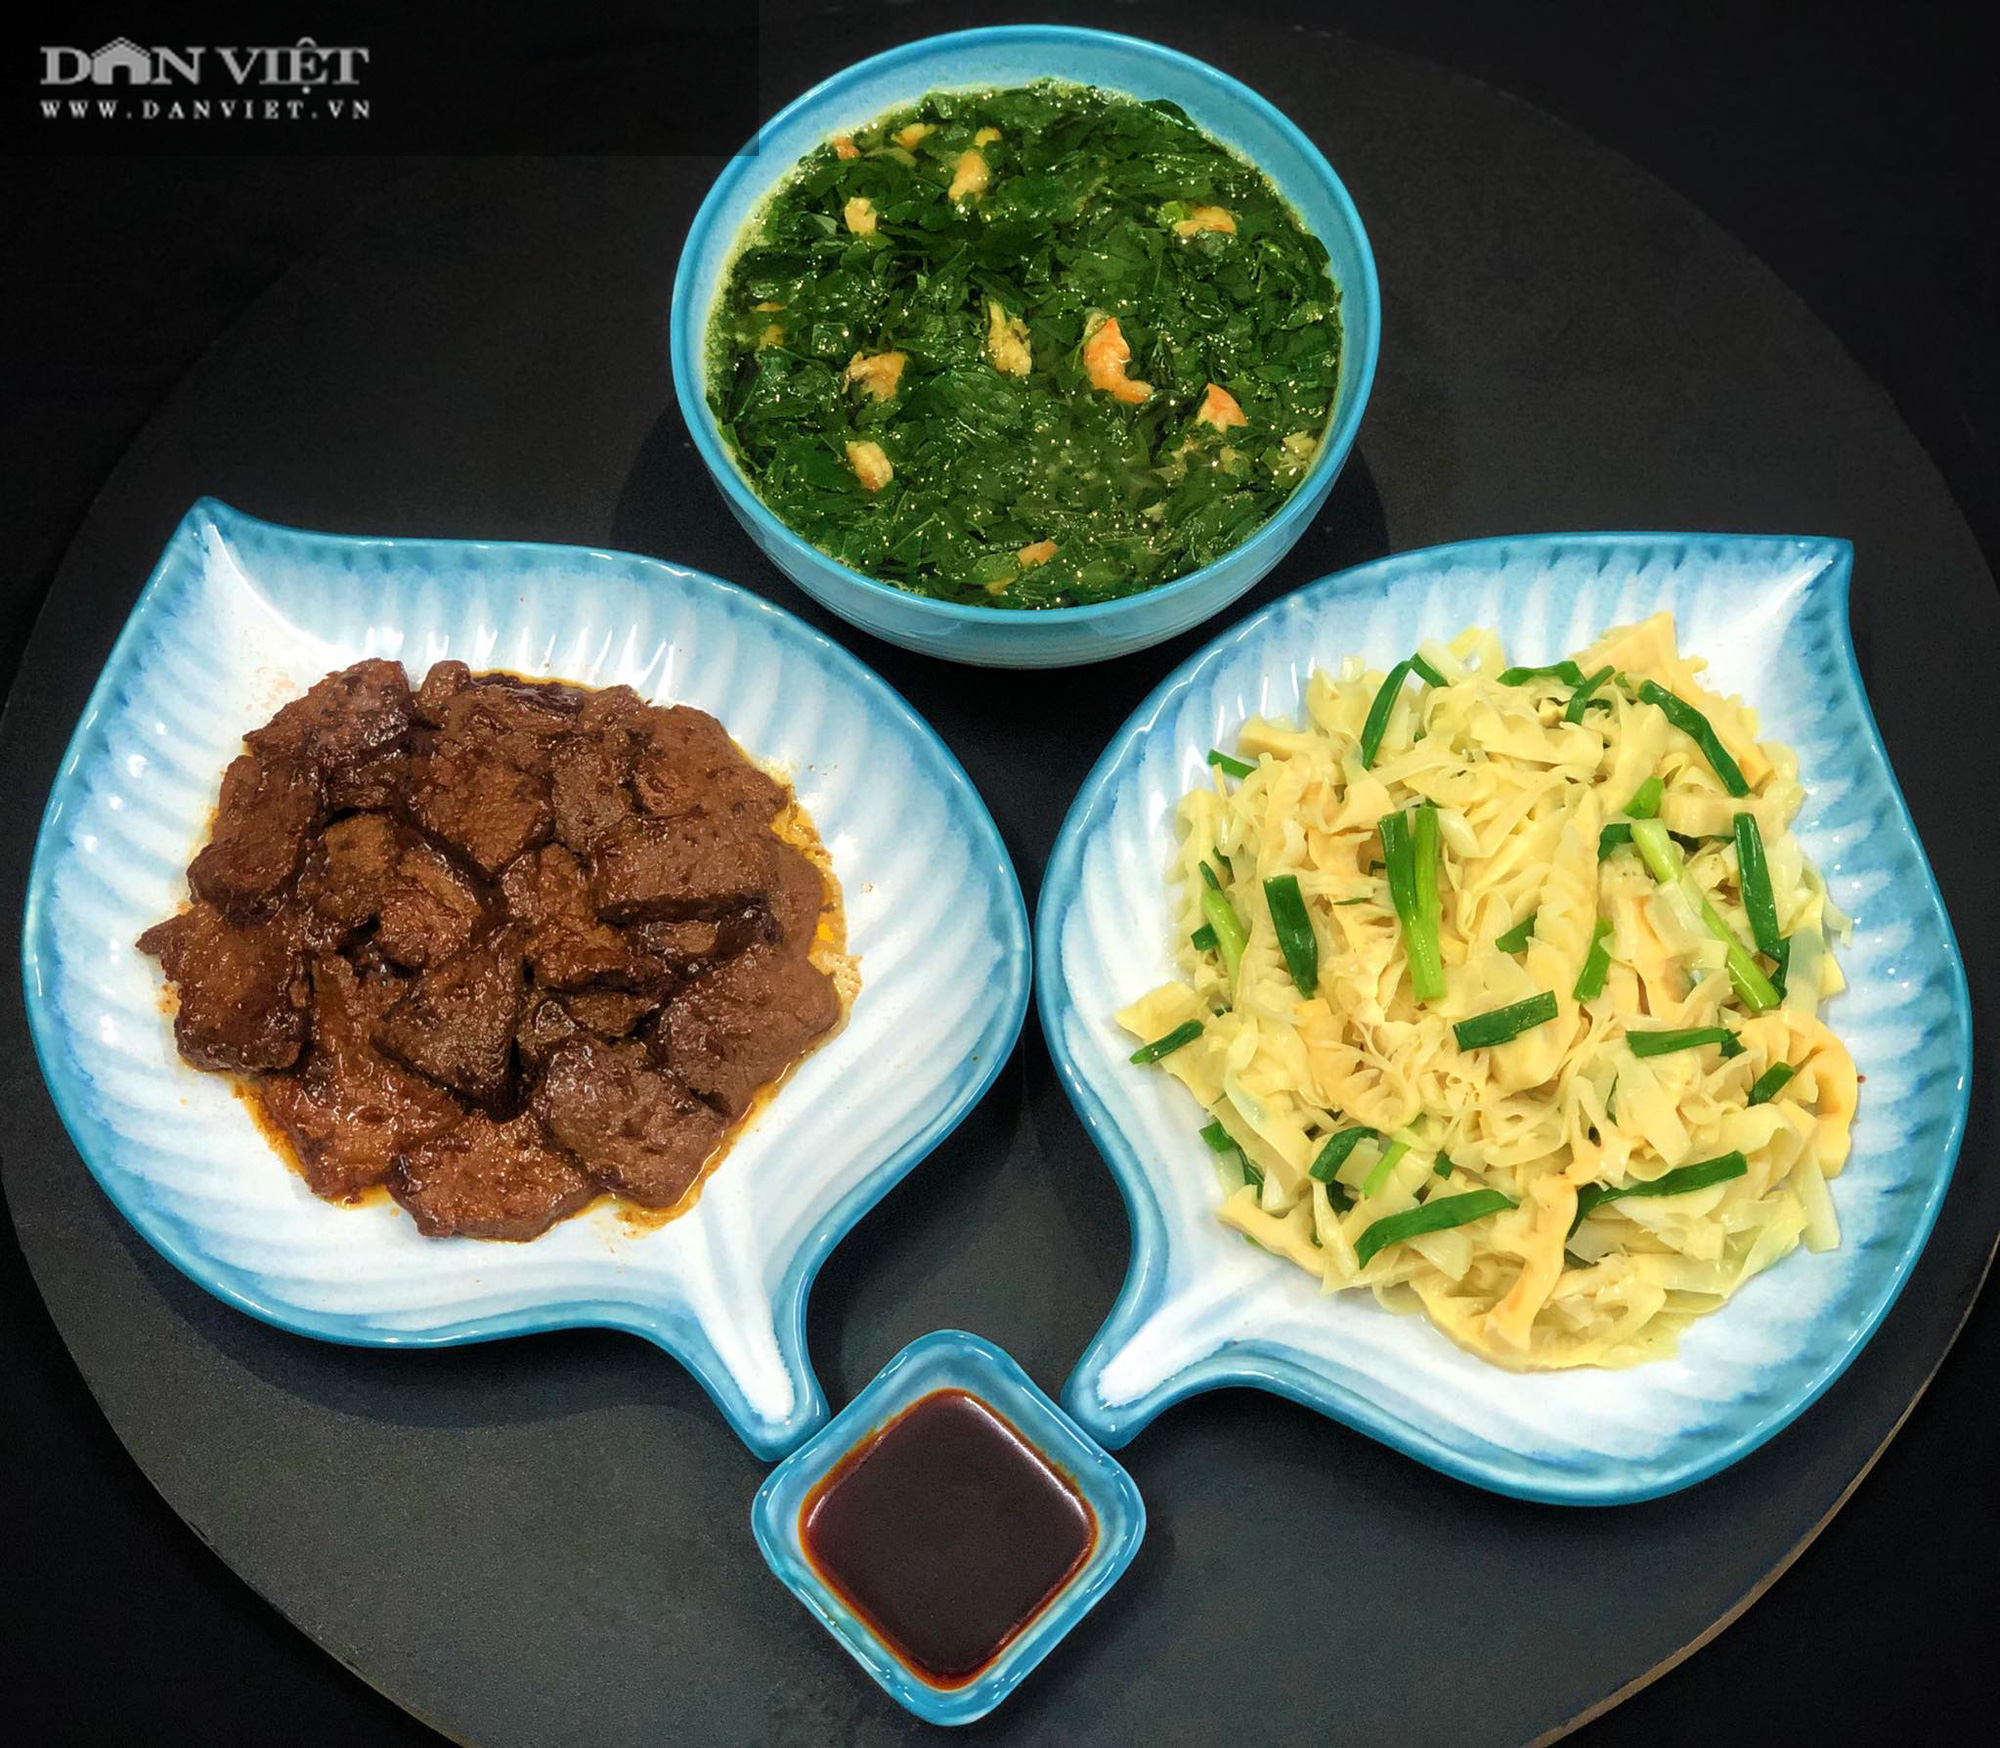 Mẹ đảm Hà thành gợi ý thực đơn cơm nhà đẹp mắt, đủ dinh dưỡng - Ảnh 14.